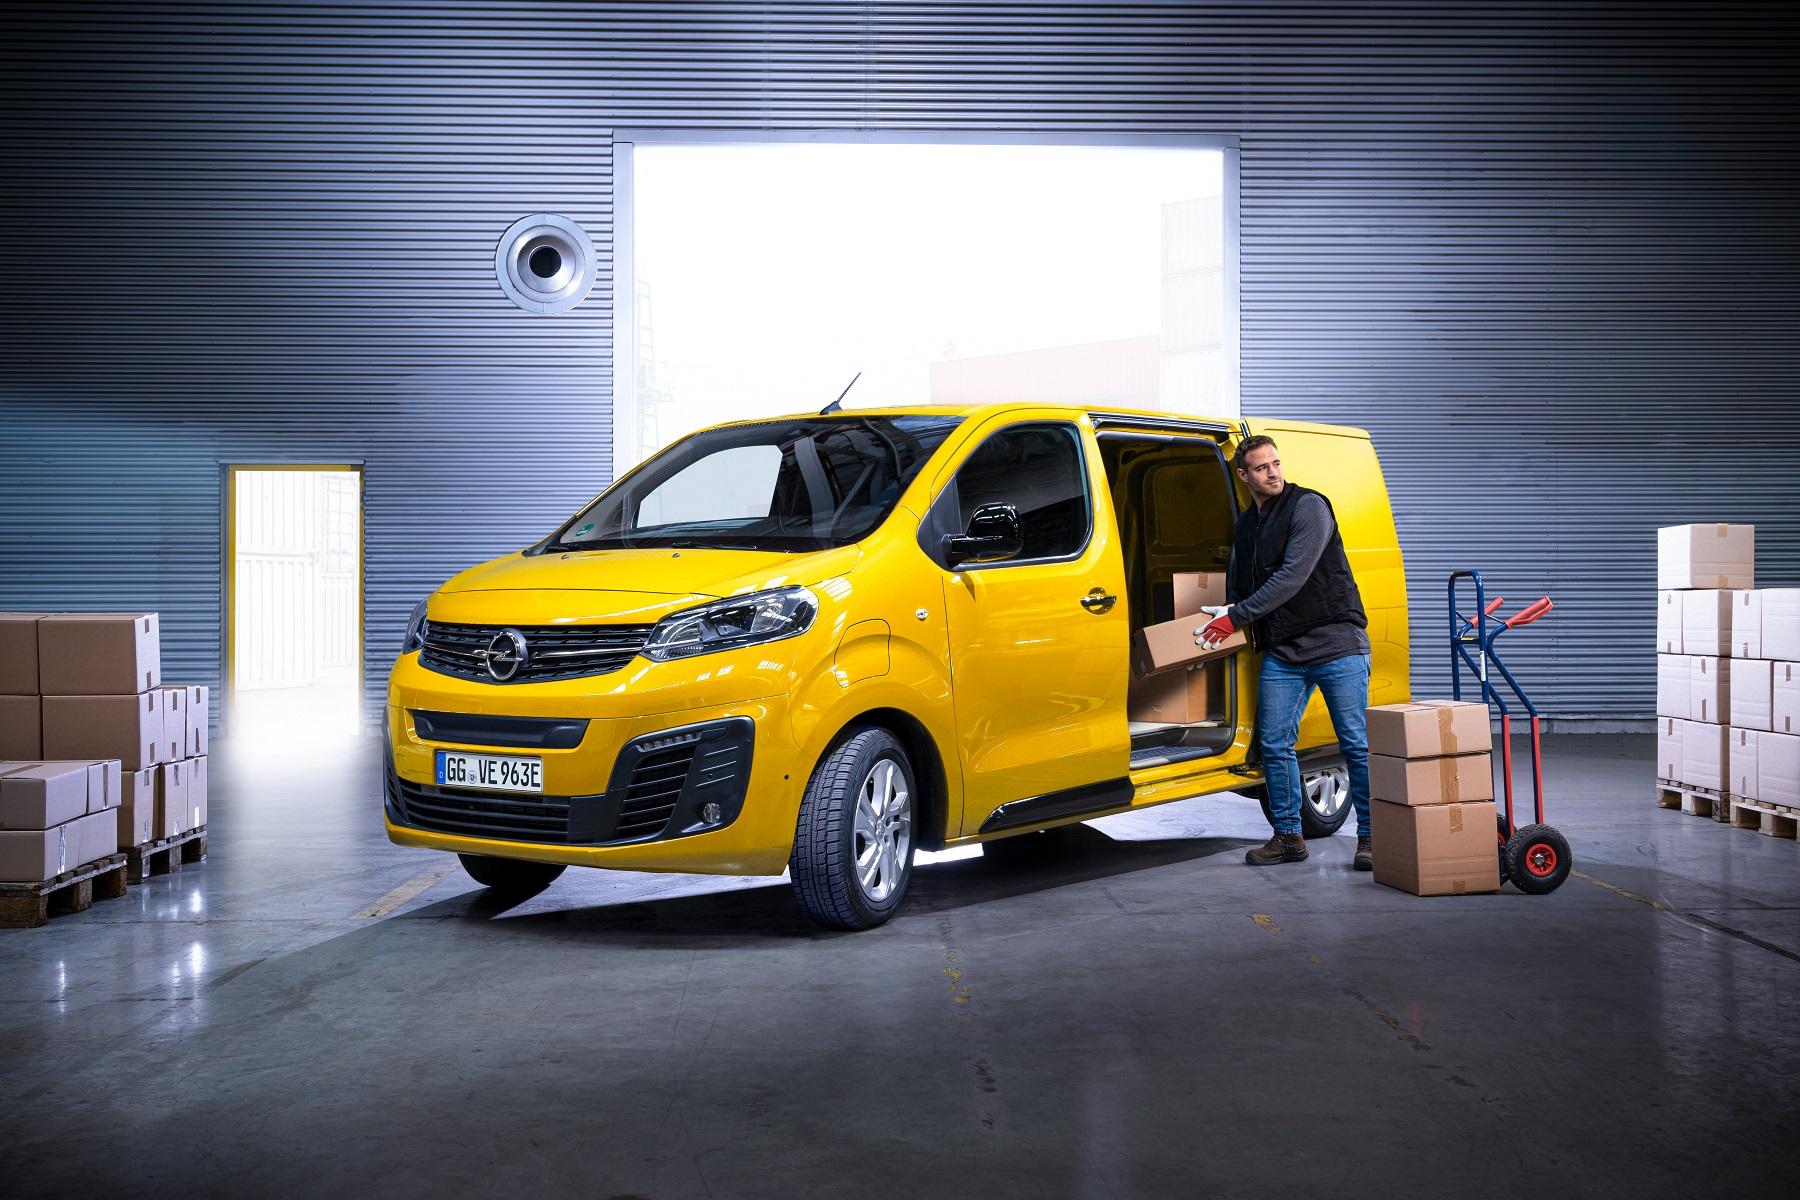 Компанія British Gas замовила 2 000 нових повністю електричних фургонів Vivaro-e для своїх інженерів